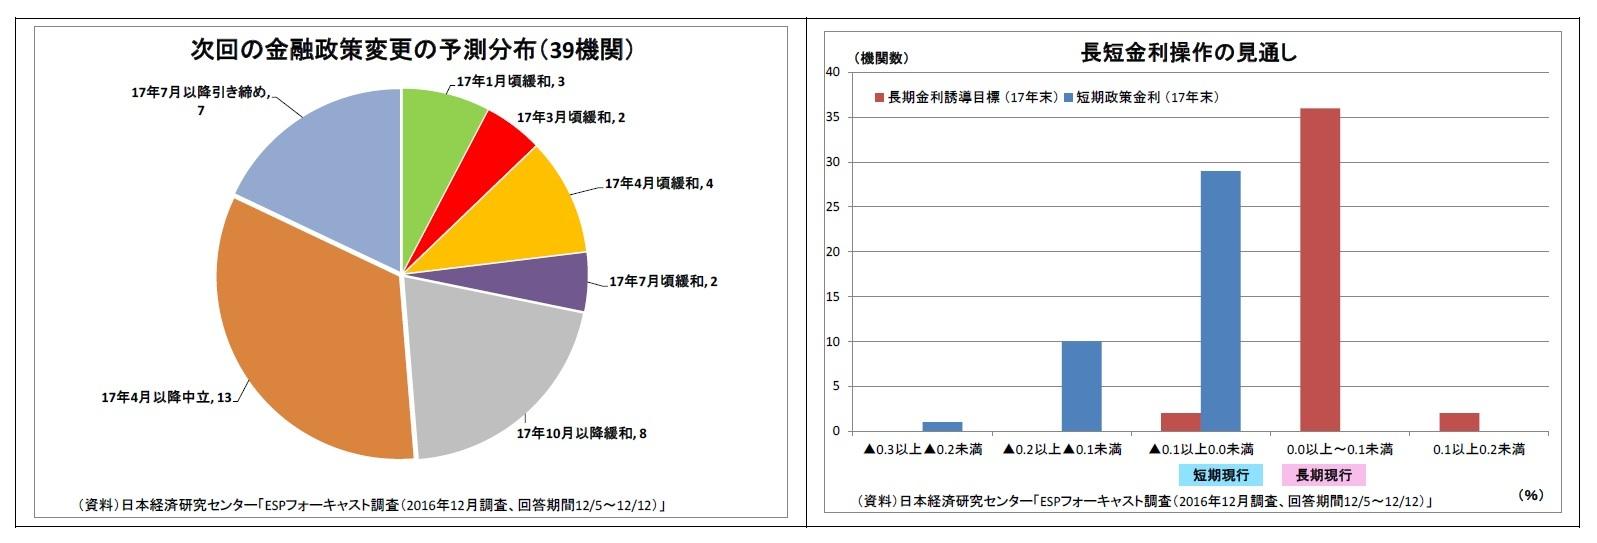 次回の金融政策変更の予測分布(39機関)/長短金利操作の見通し